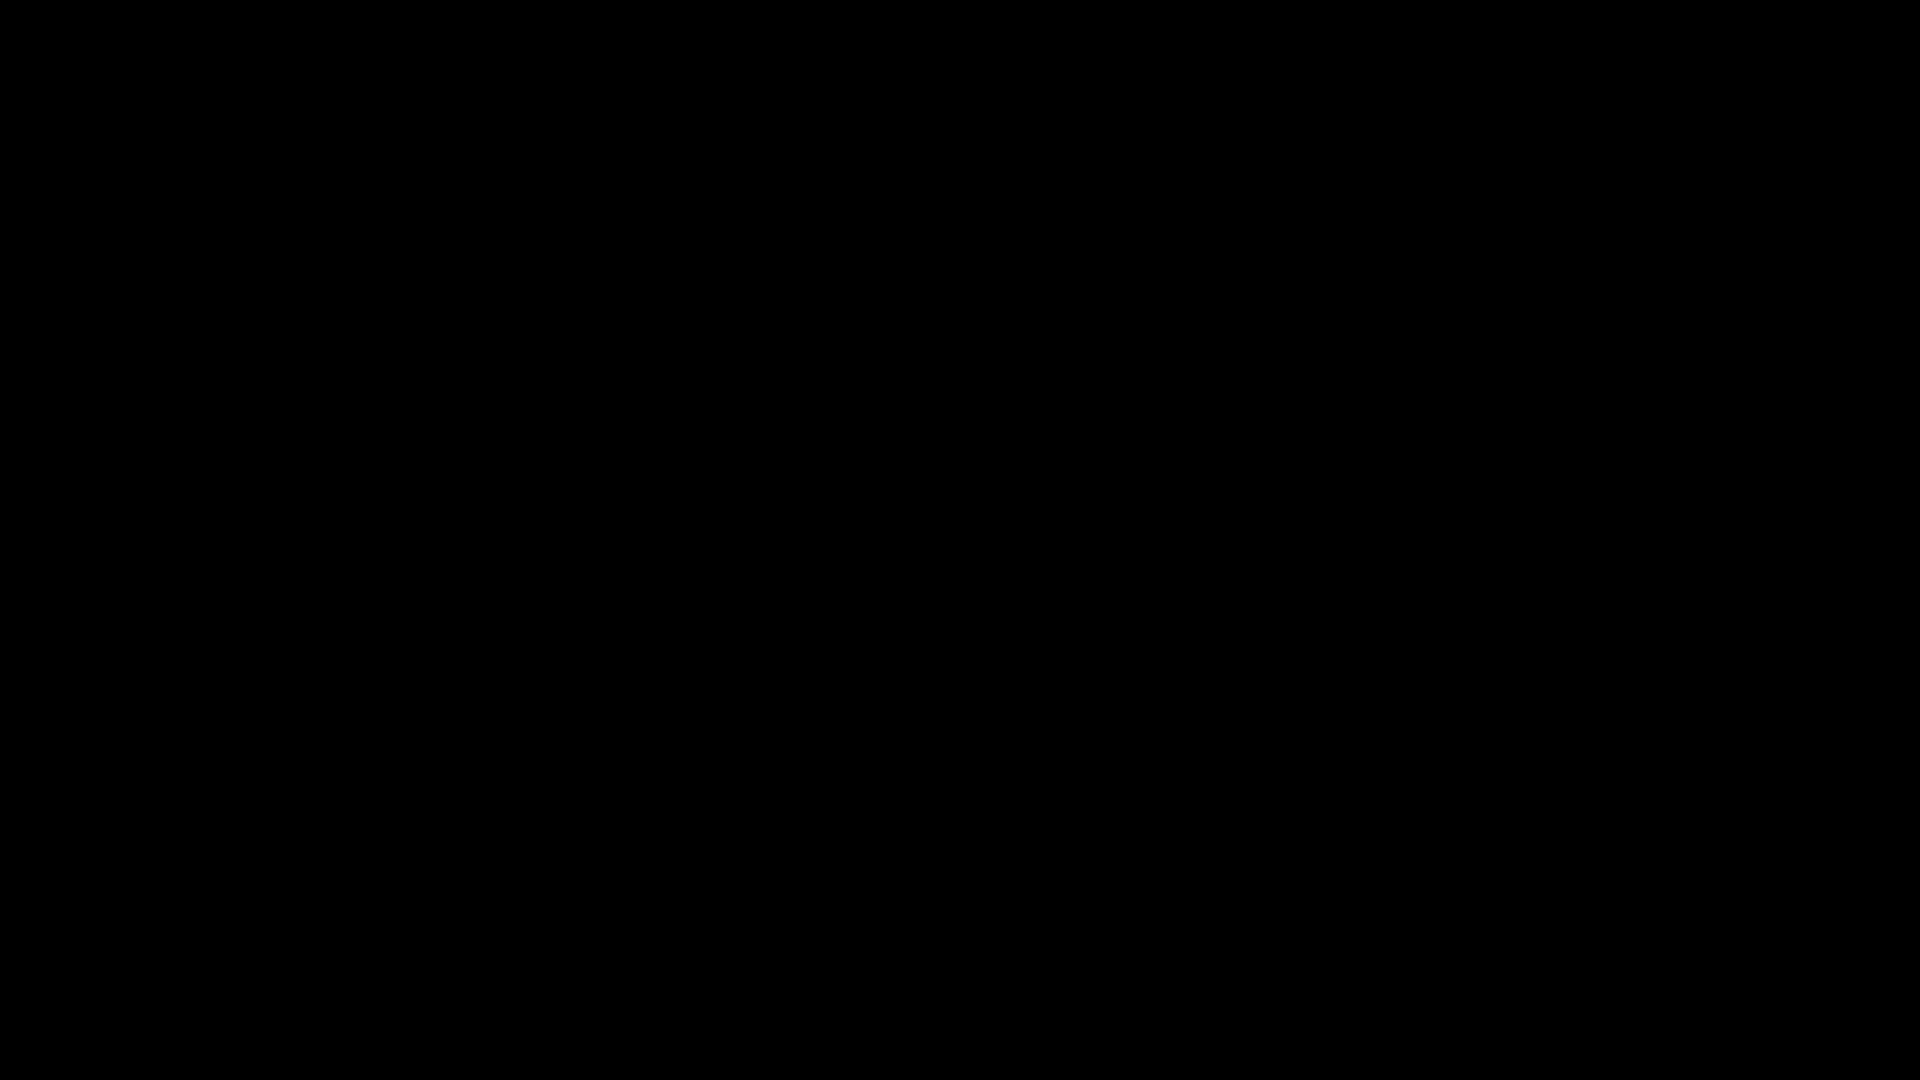 潜入!!韓国秘密のトイレ!Vol.01 エッチな盗撮 盗撮画像 98pic 3